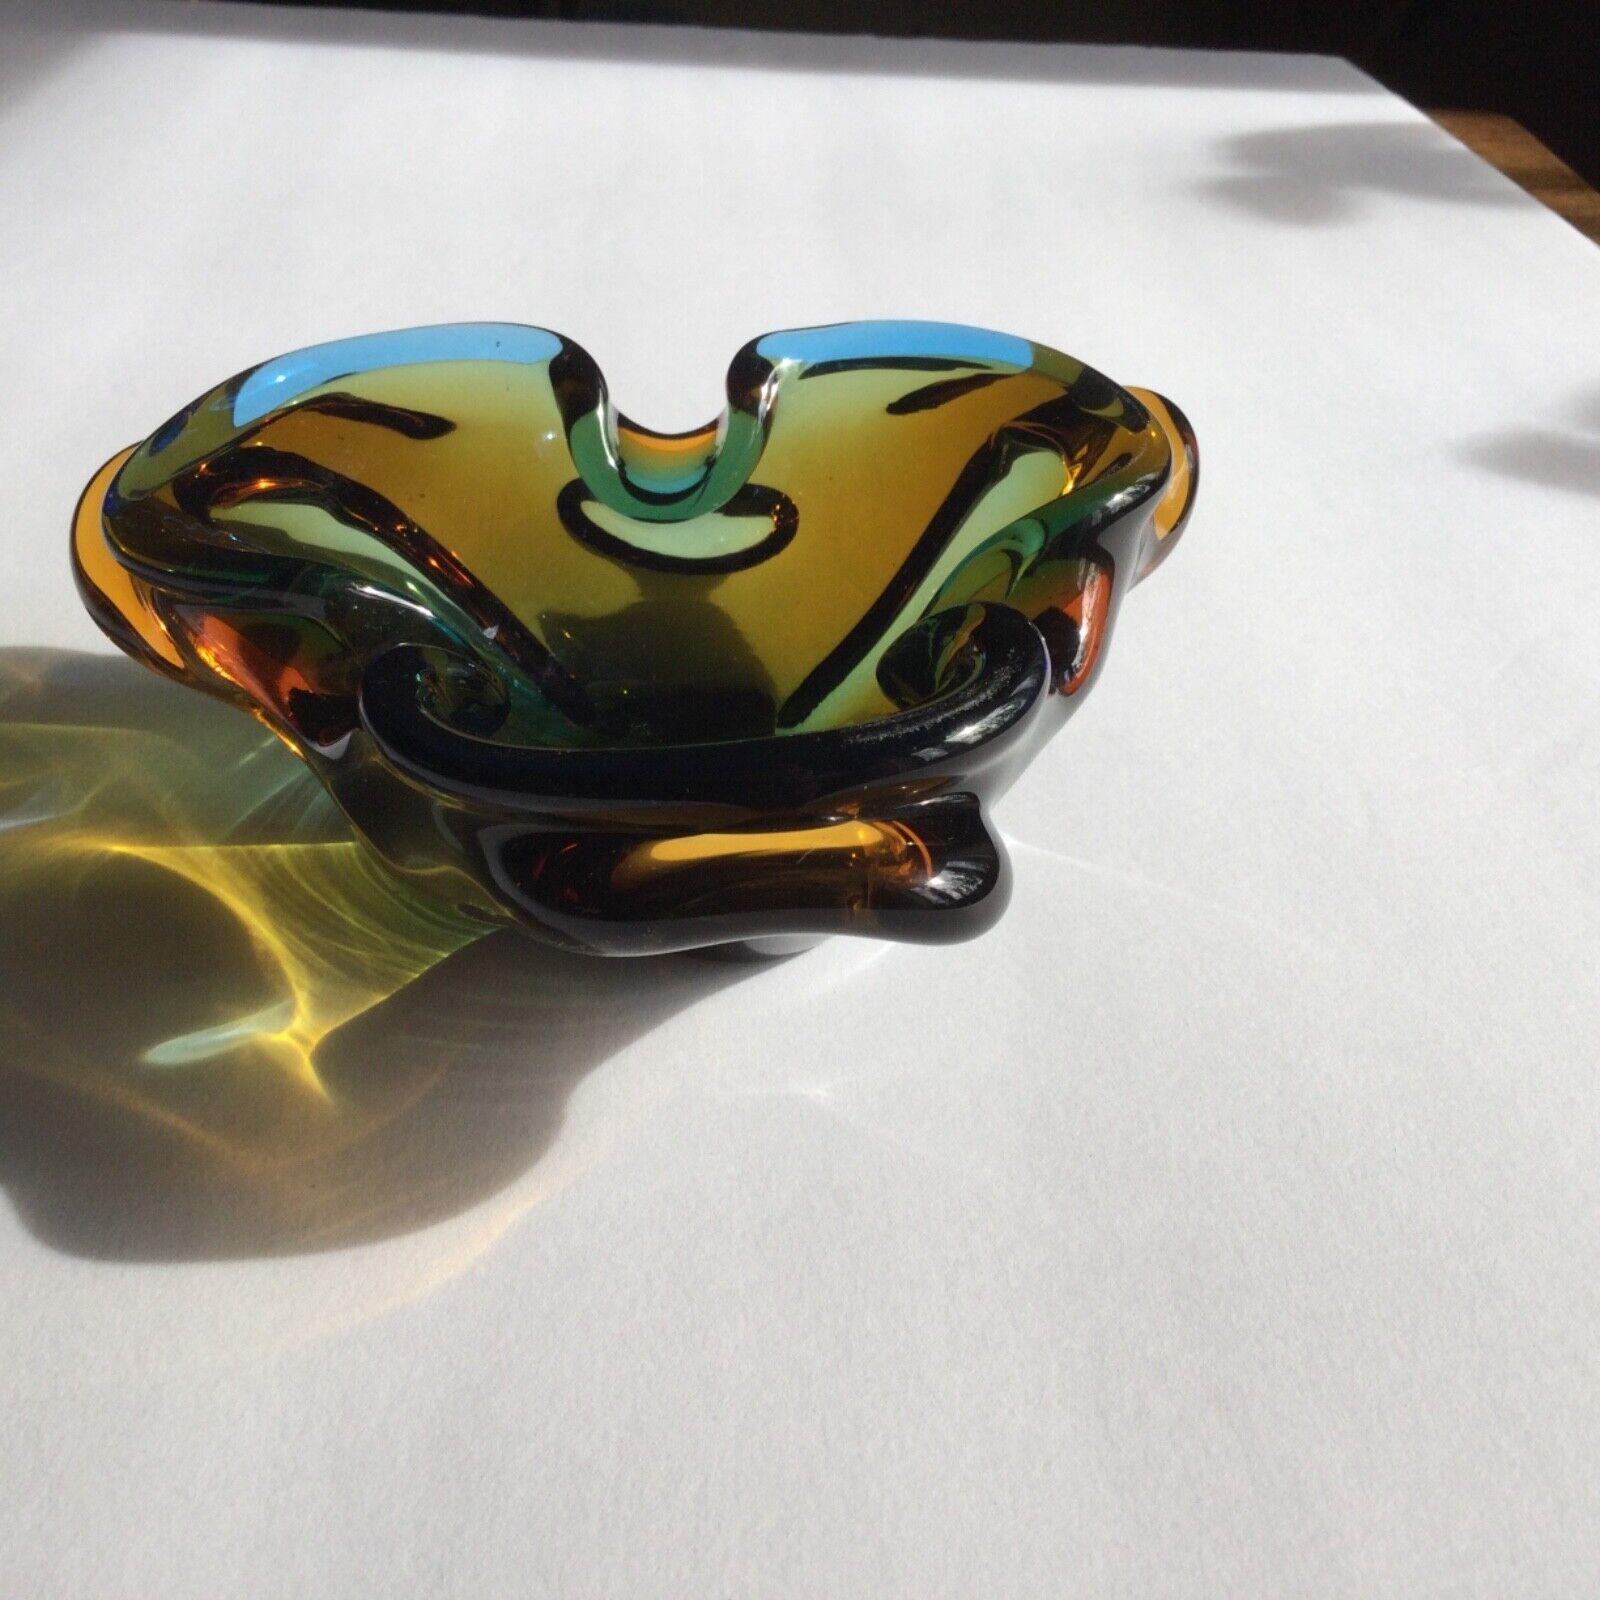 Chalet Clover Leaf Vintage Ash Tray Blue-Green Over Amber - $55.00